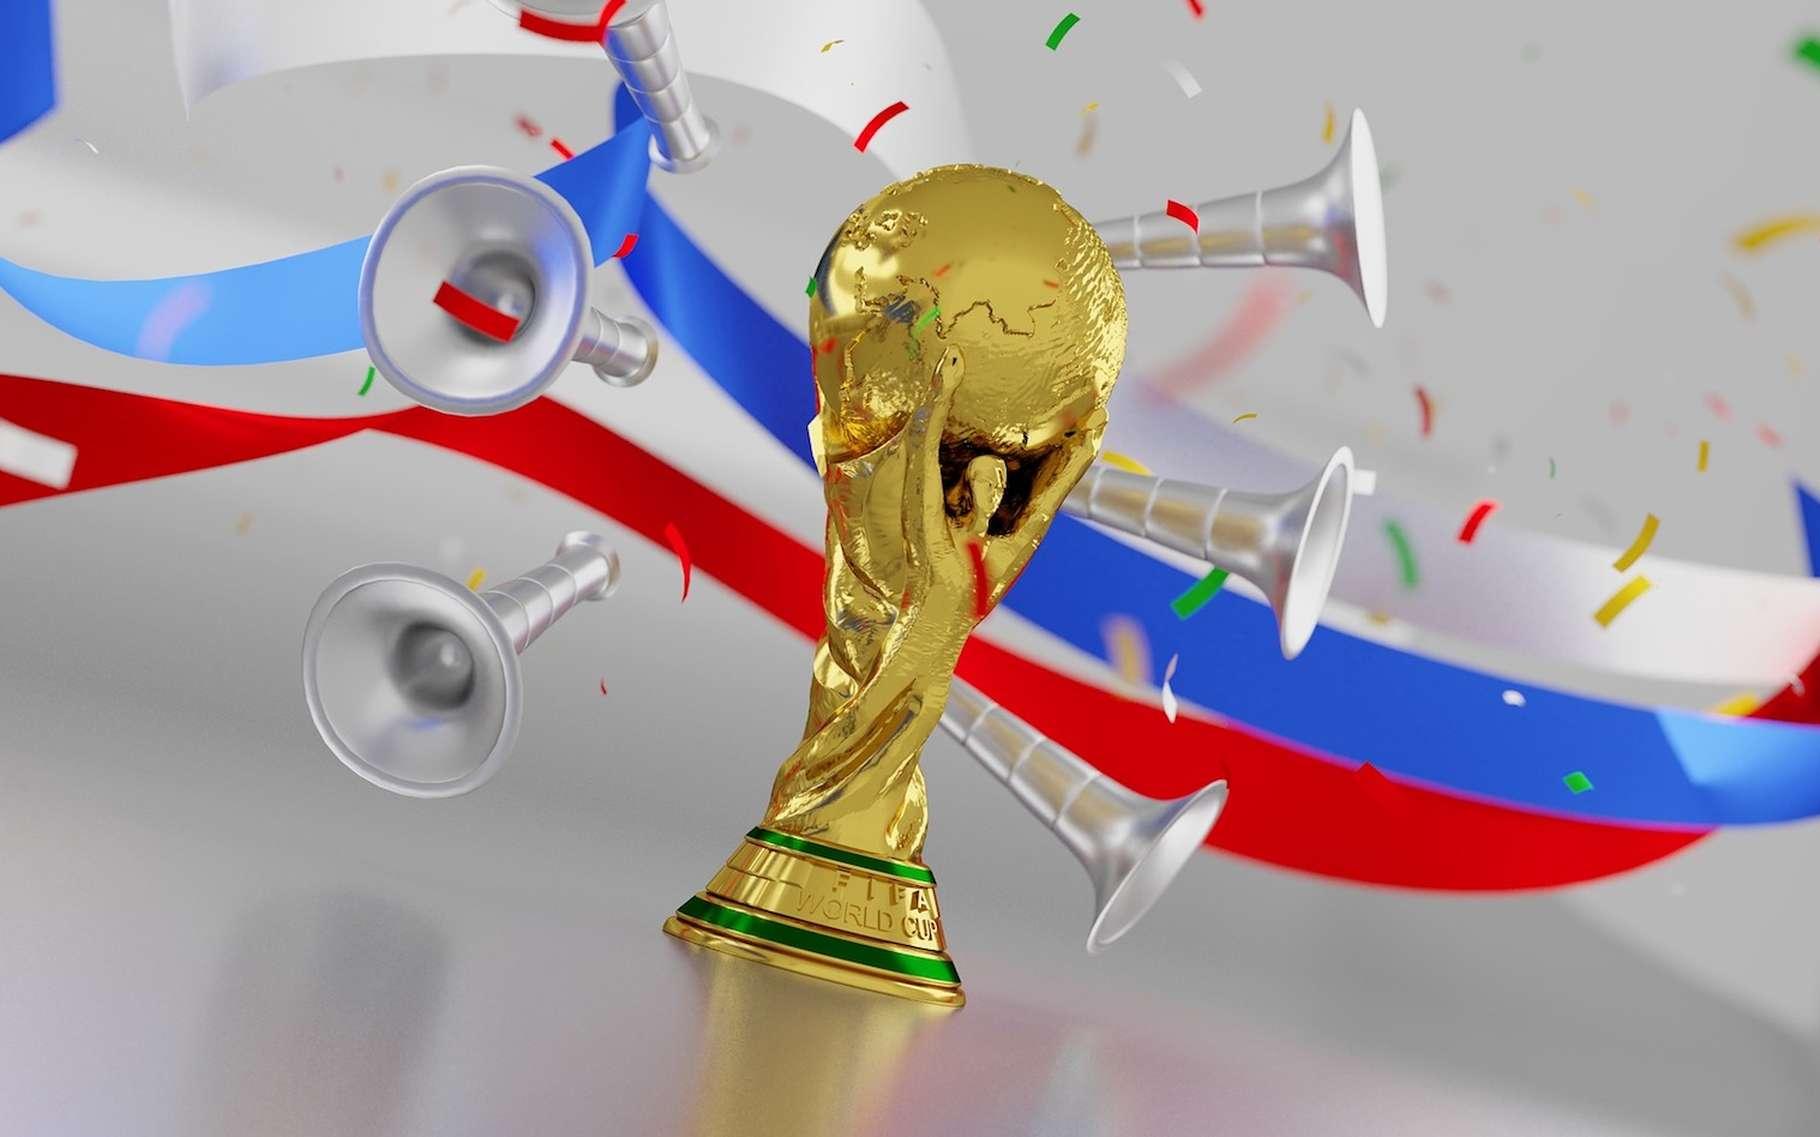 En matière de pronostics, pour cette Coupe du monde 2018, animaux et intelligences artificielles se disputent la vedette. Pour savoir qui l'emportera, il faudra attendre le coup de sifflet final. © QuinceMedia, Pixabay, CC0 Creative Commons